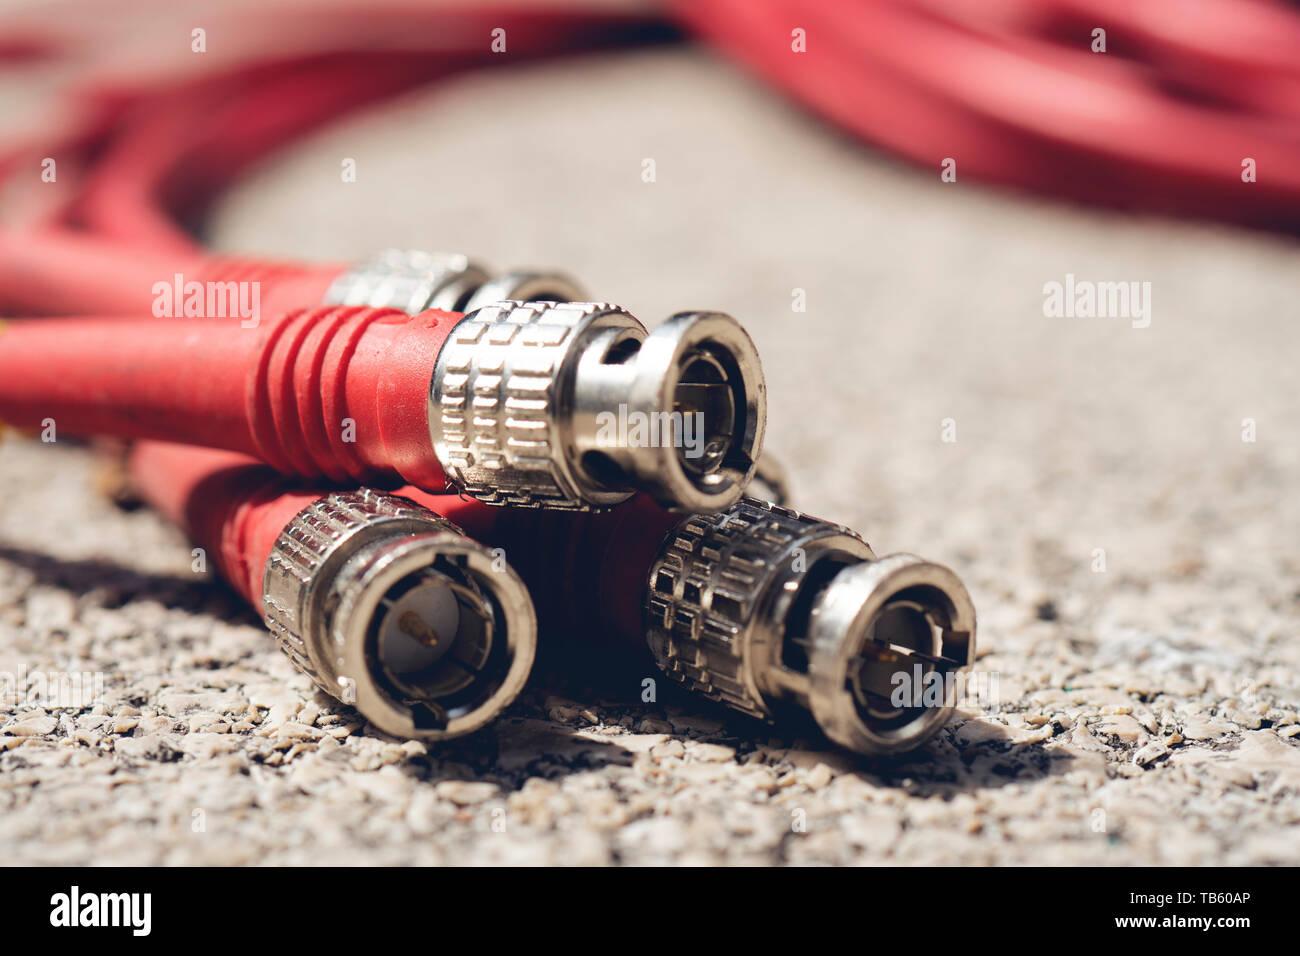 BNC Connectors Coaxial Red Cables Closeup Stock Photo